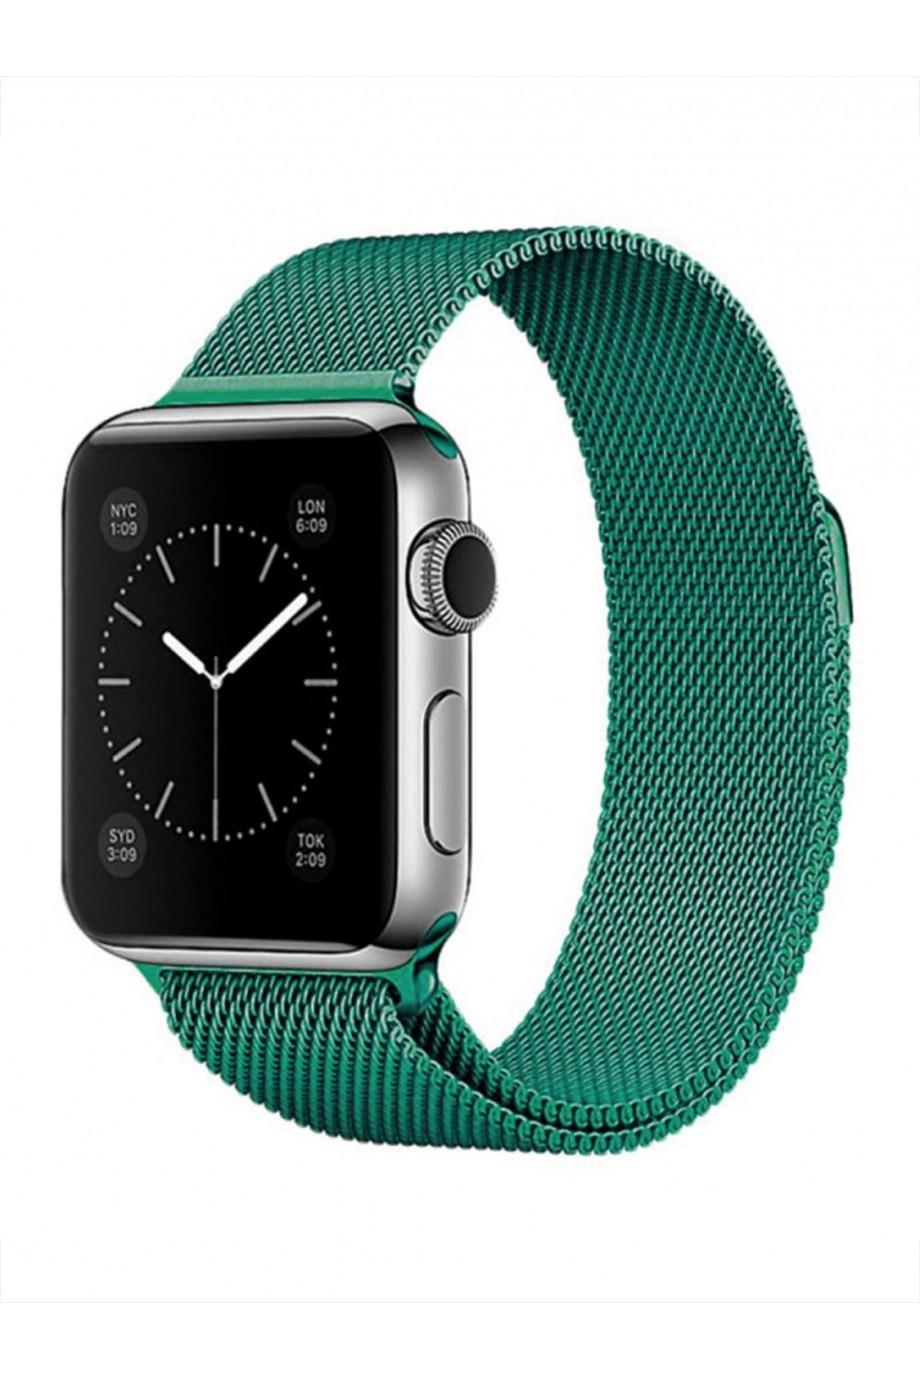 Металлический ремешок для Apple Watch 3 42 мм, зеленый изумруд